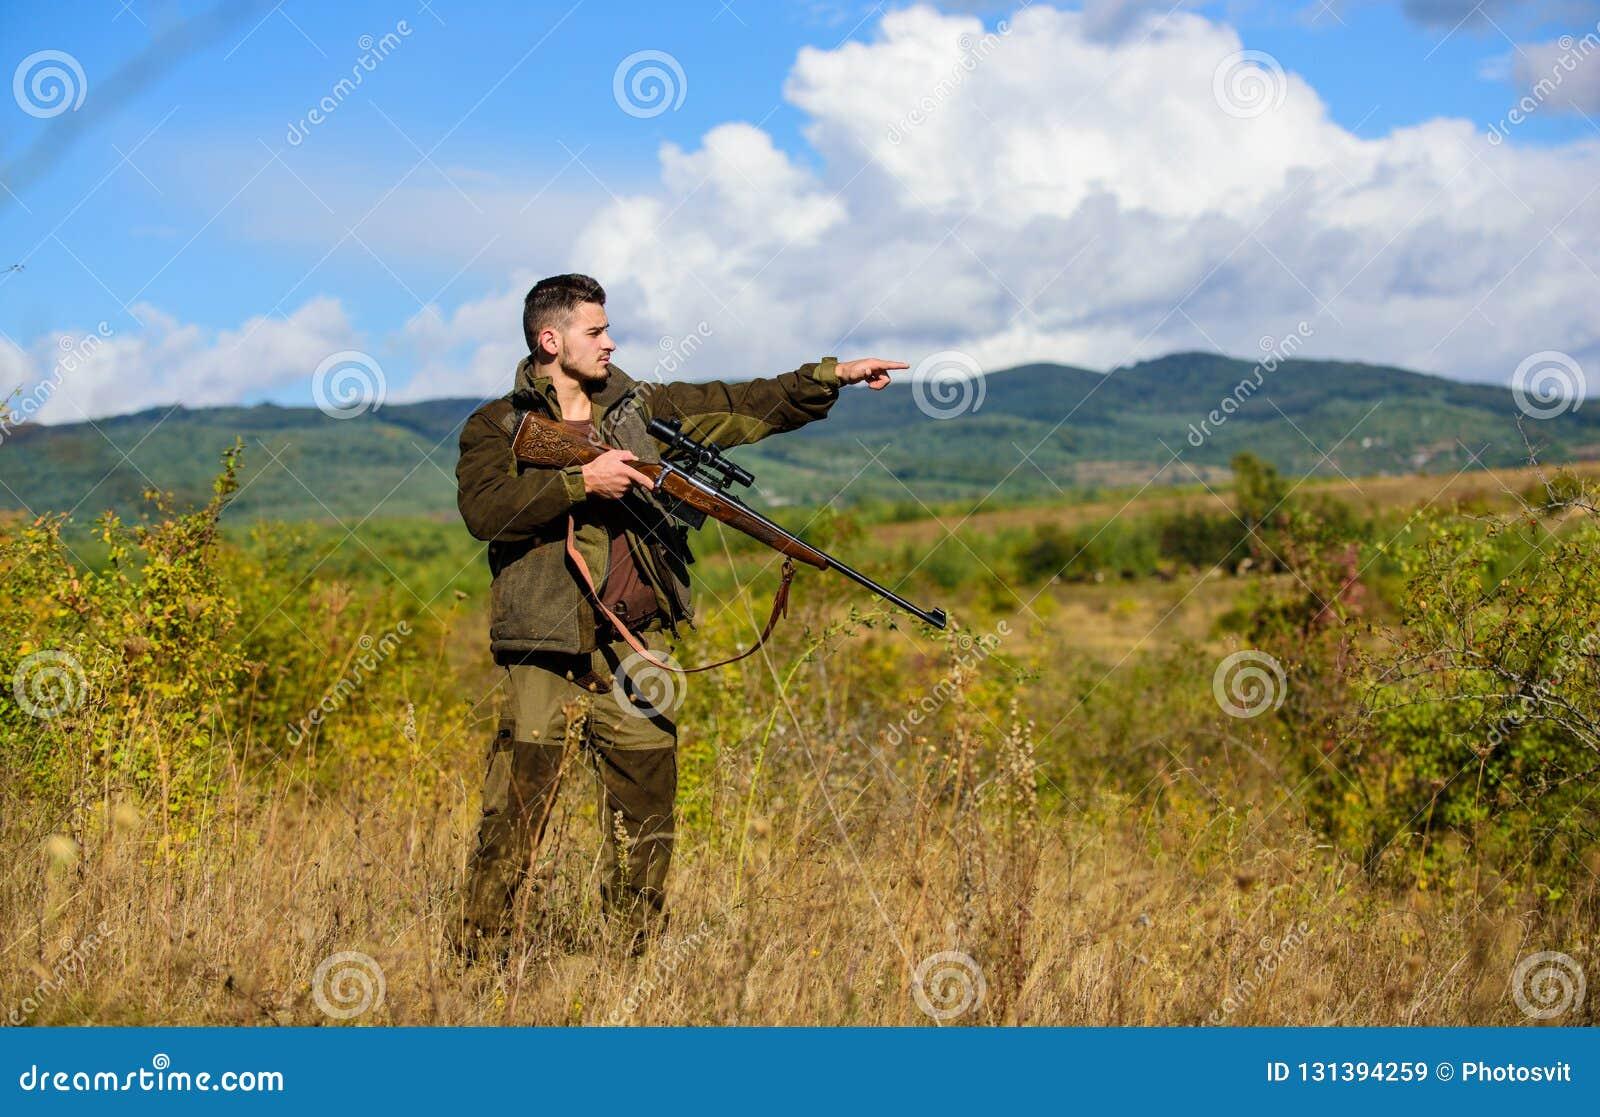 La experiencia y la práctica presta la caza del éxito Ambiente de la naturaleza de la caza del individuo Arma o rifle del arma de